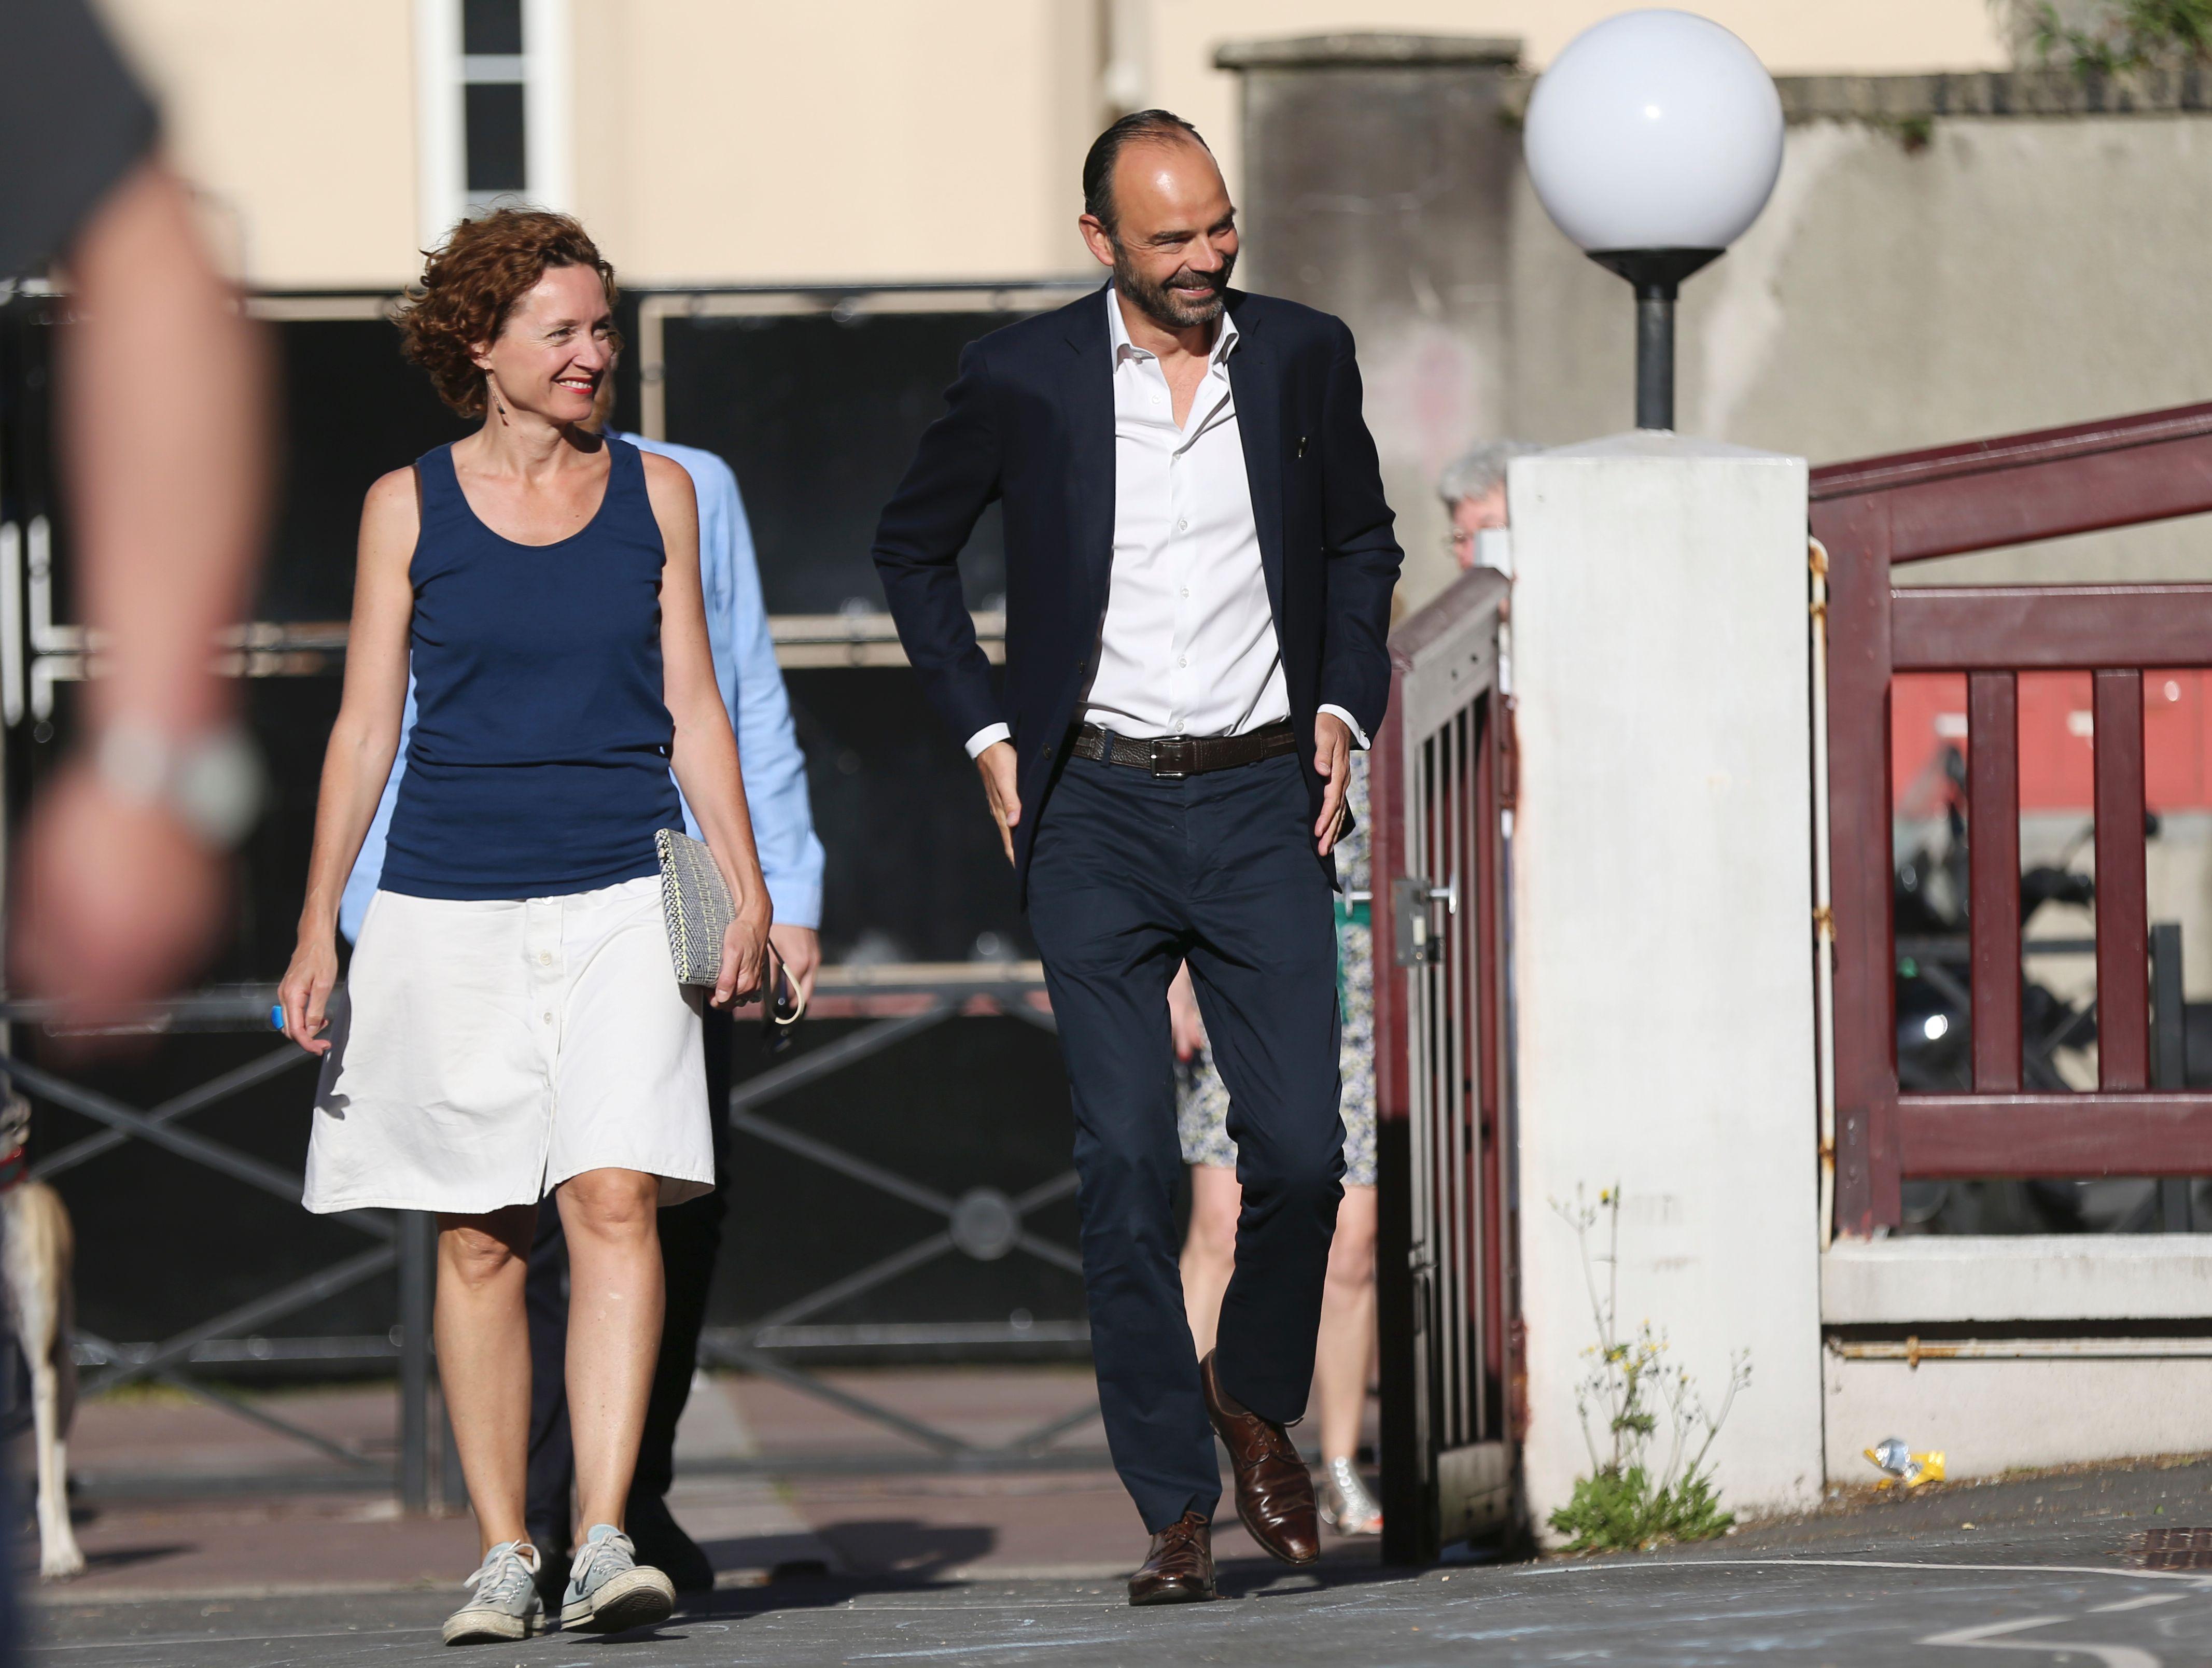 رئيس وزراء فرنسا وزوجته يتوجهان لمركز الاقتراع